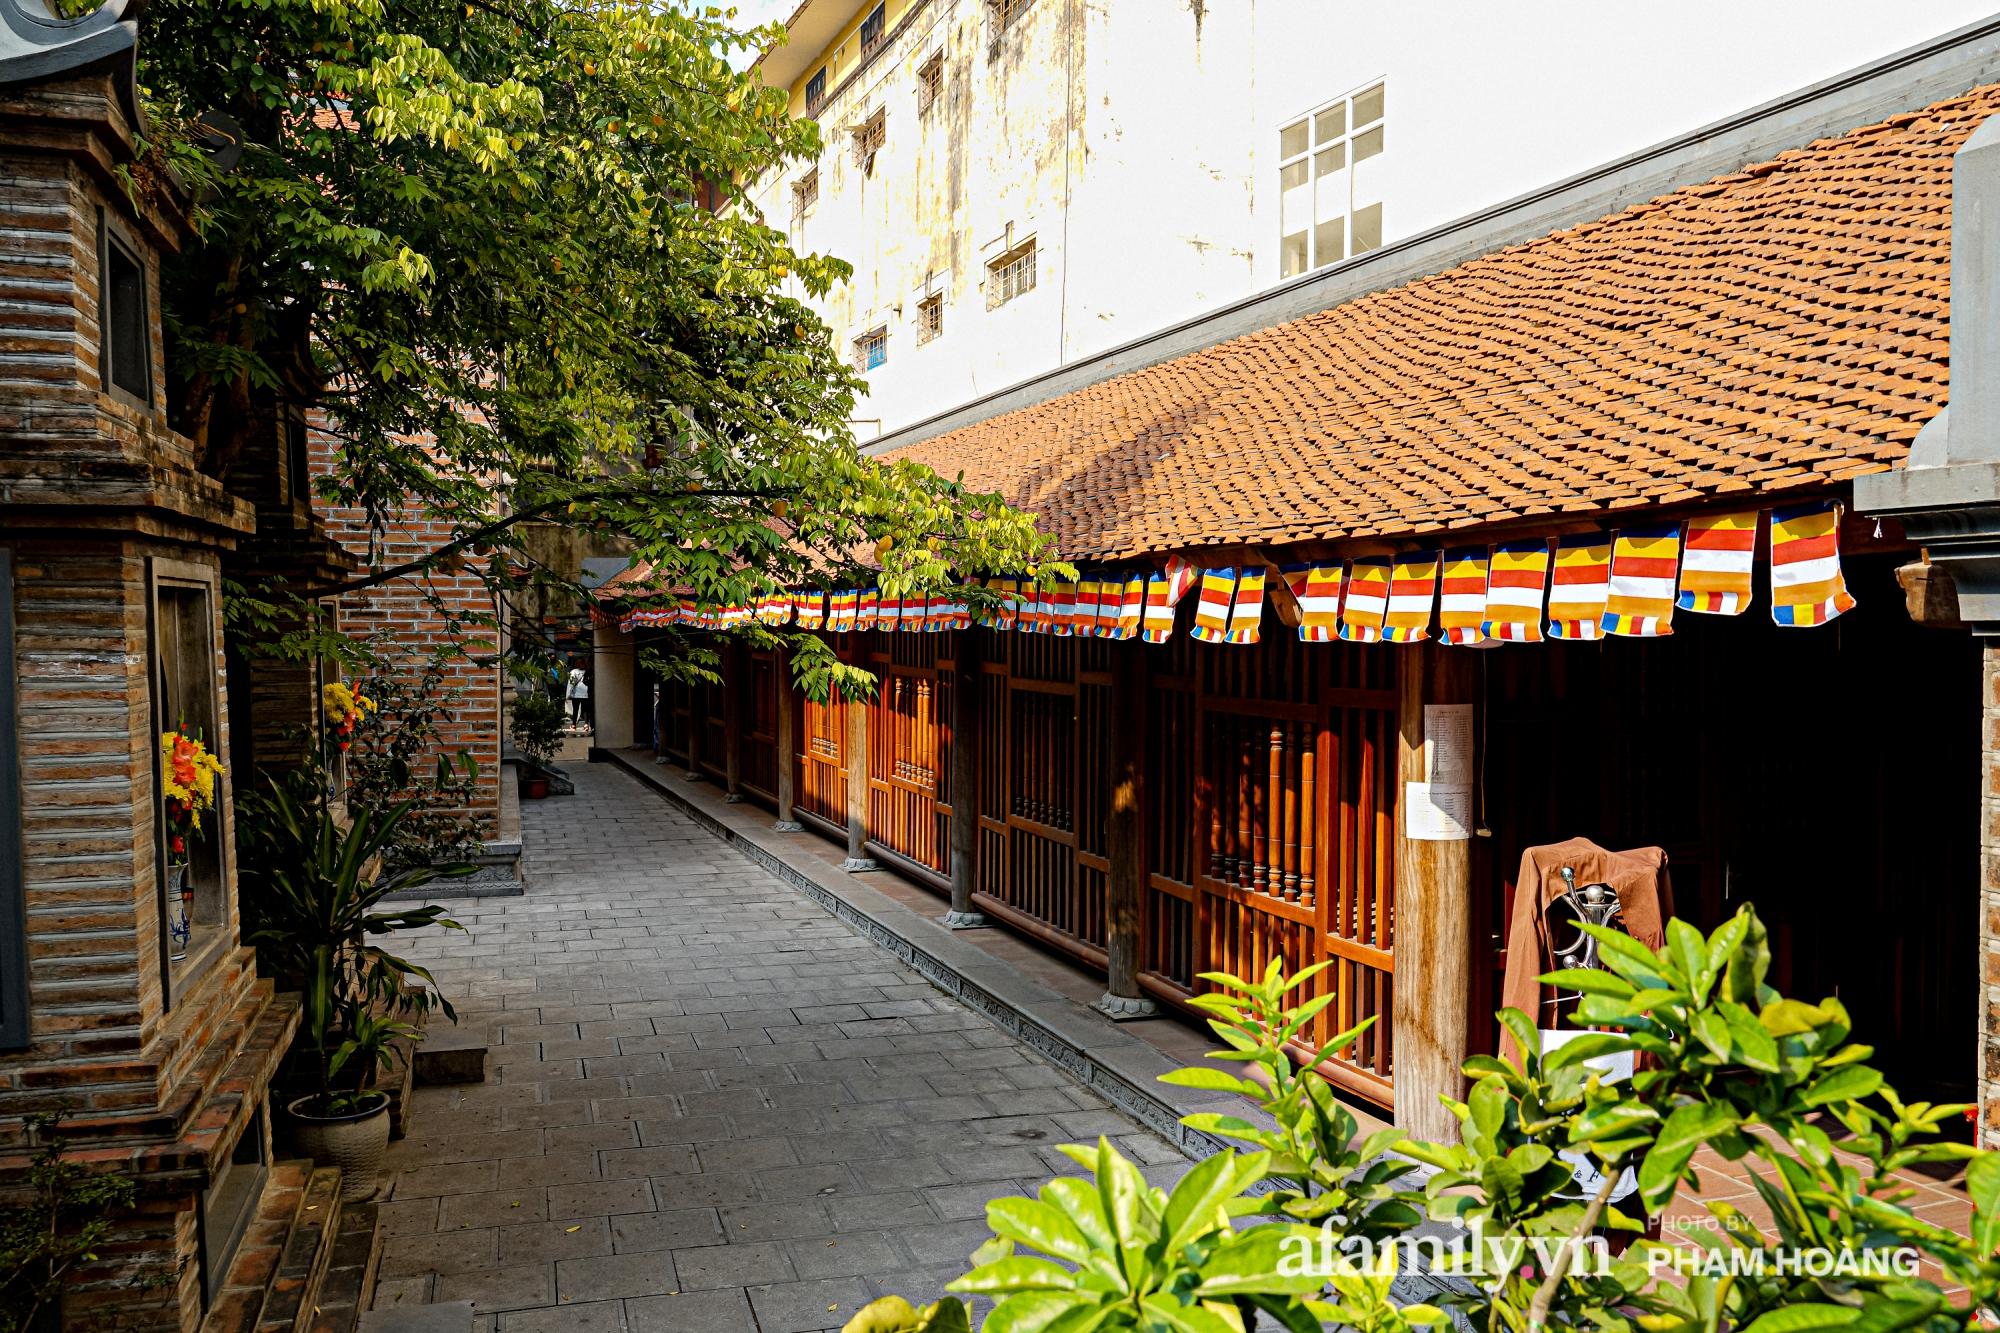 Mùng 1 đầu năm ghé thăm chùa Bà Đá: Chốn linh thiêng cổ xưa ngàn năm tuổi, giấu mình giữa phố cổ phồn hoa - Ảnh 11.